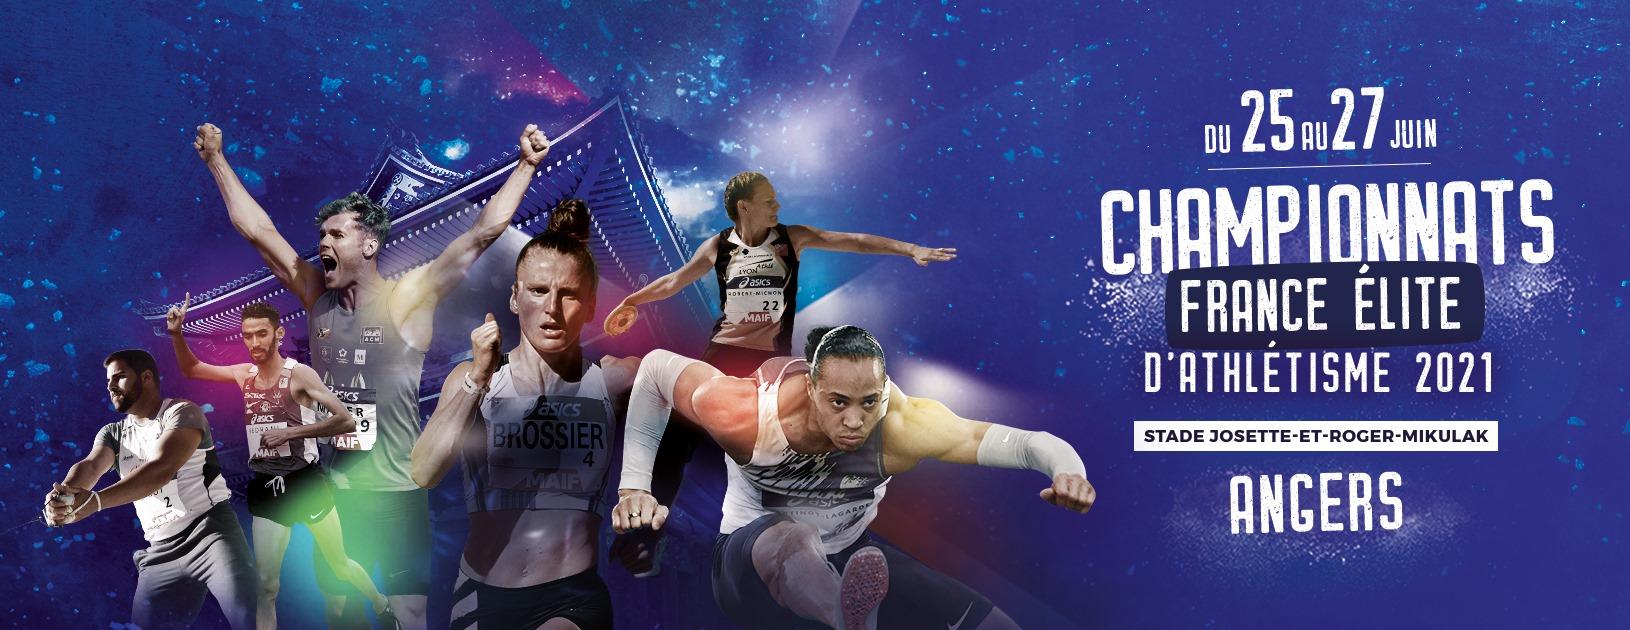 Championnats de France Elite à Angers